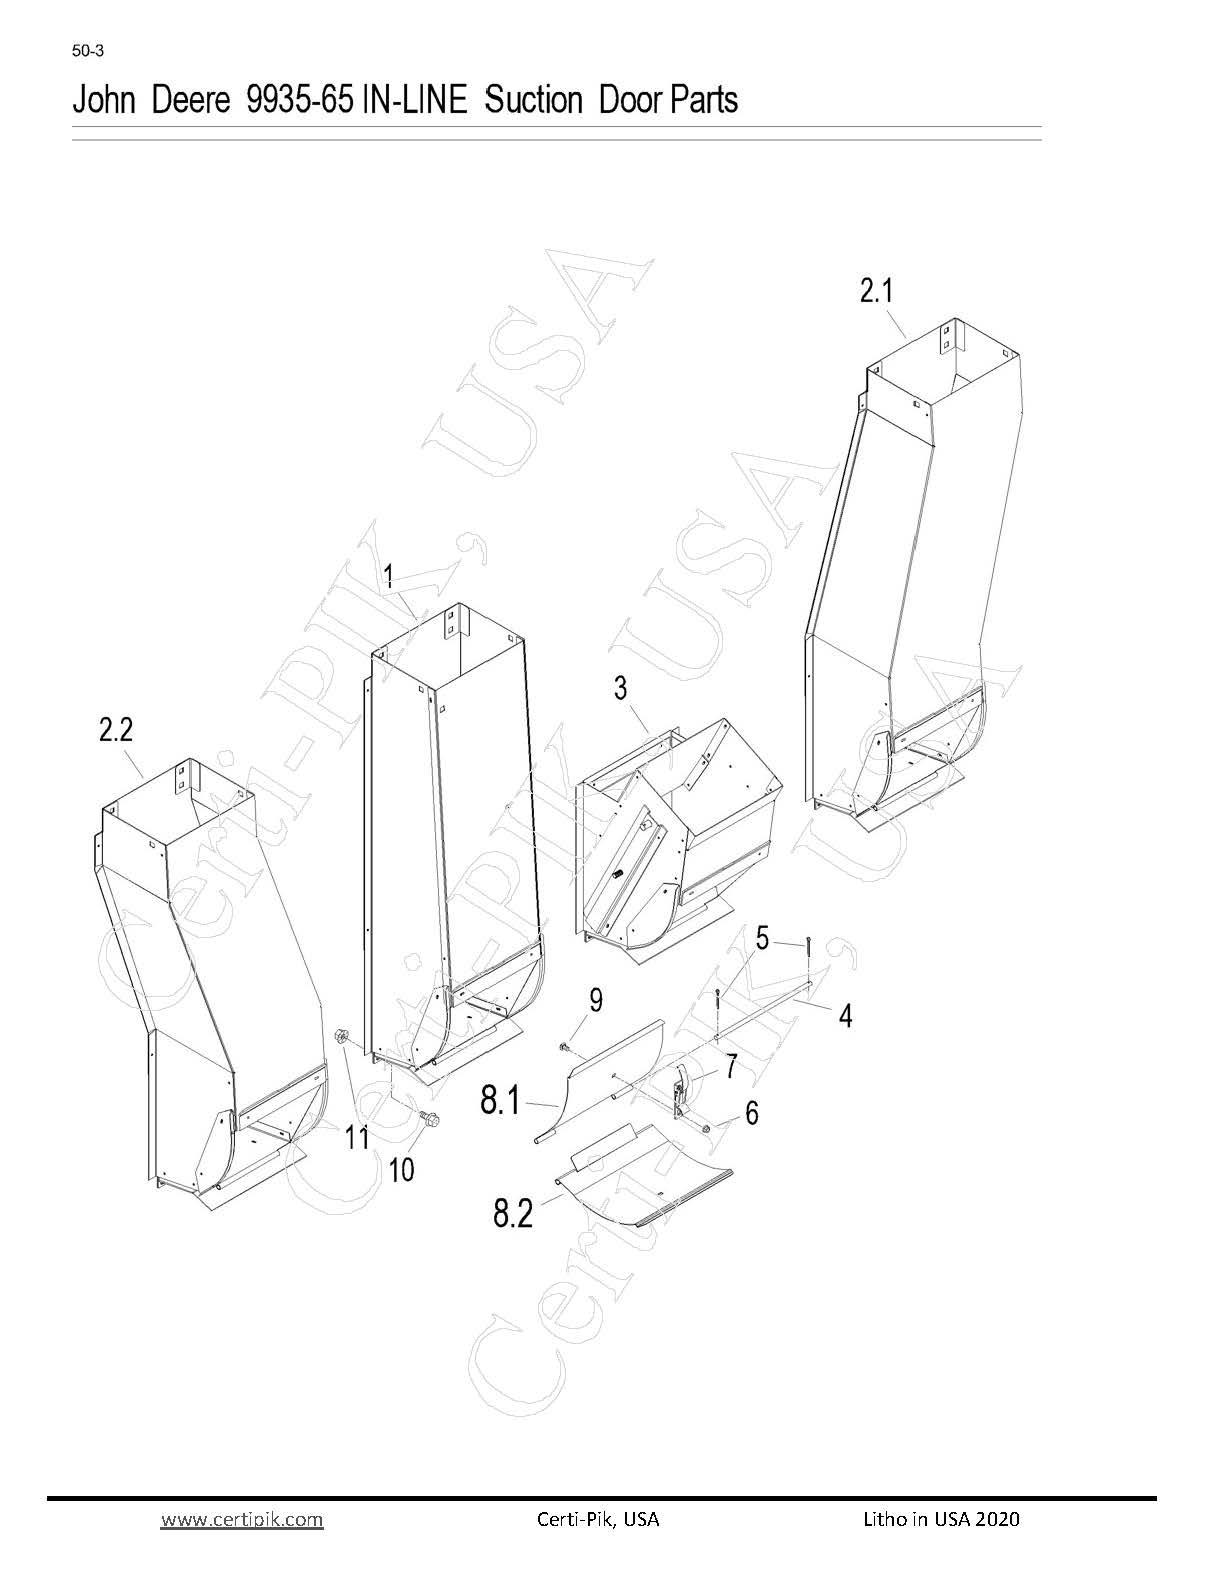 John Deere 9935-65 In-Line Suction Door Parts